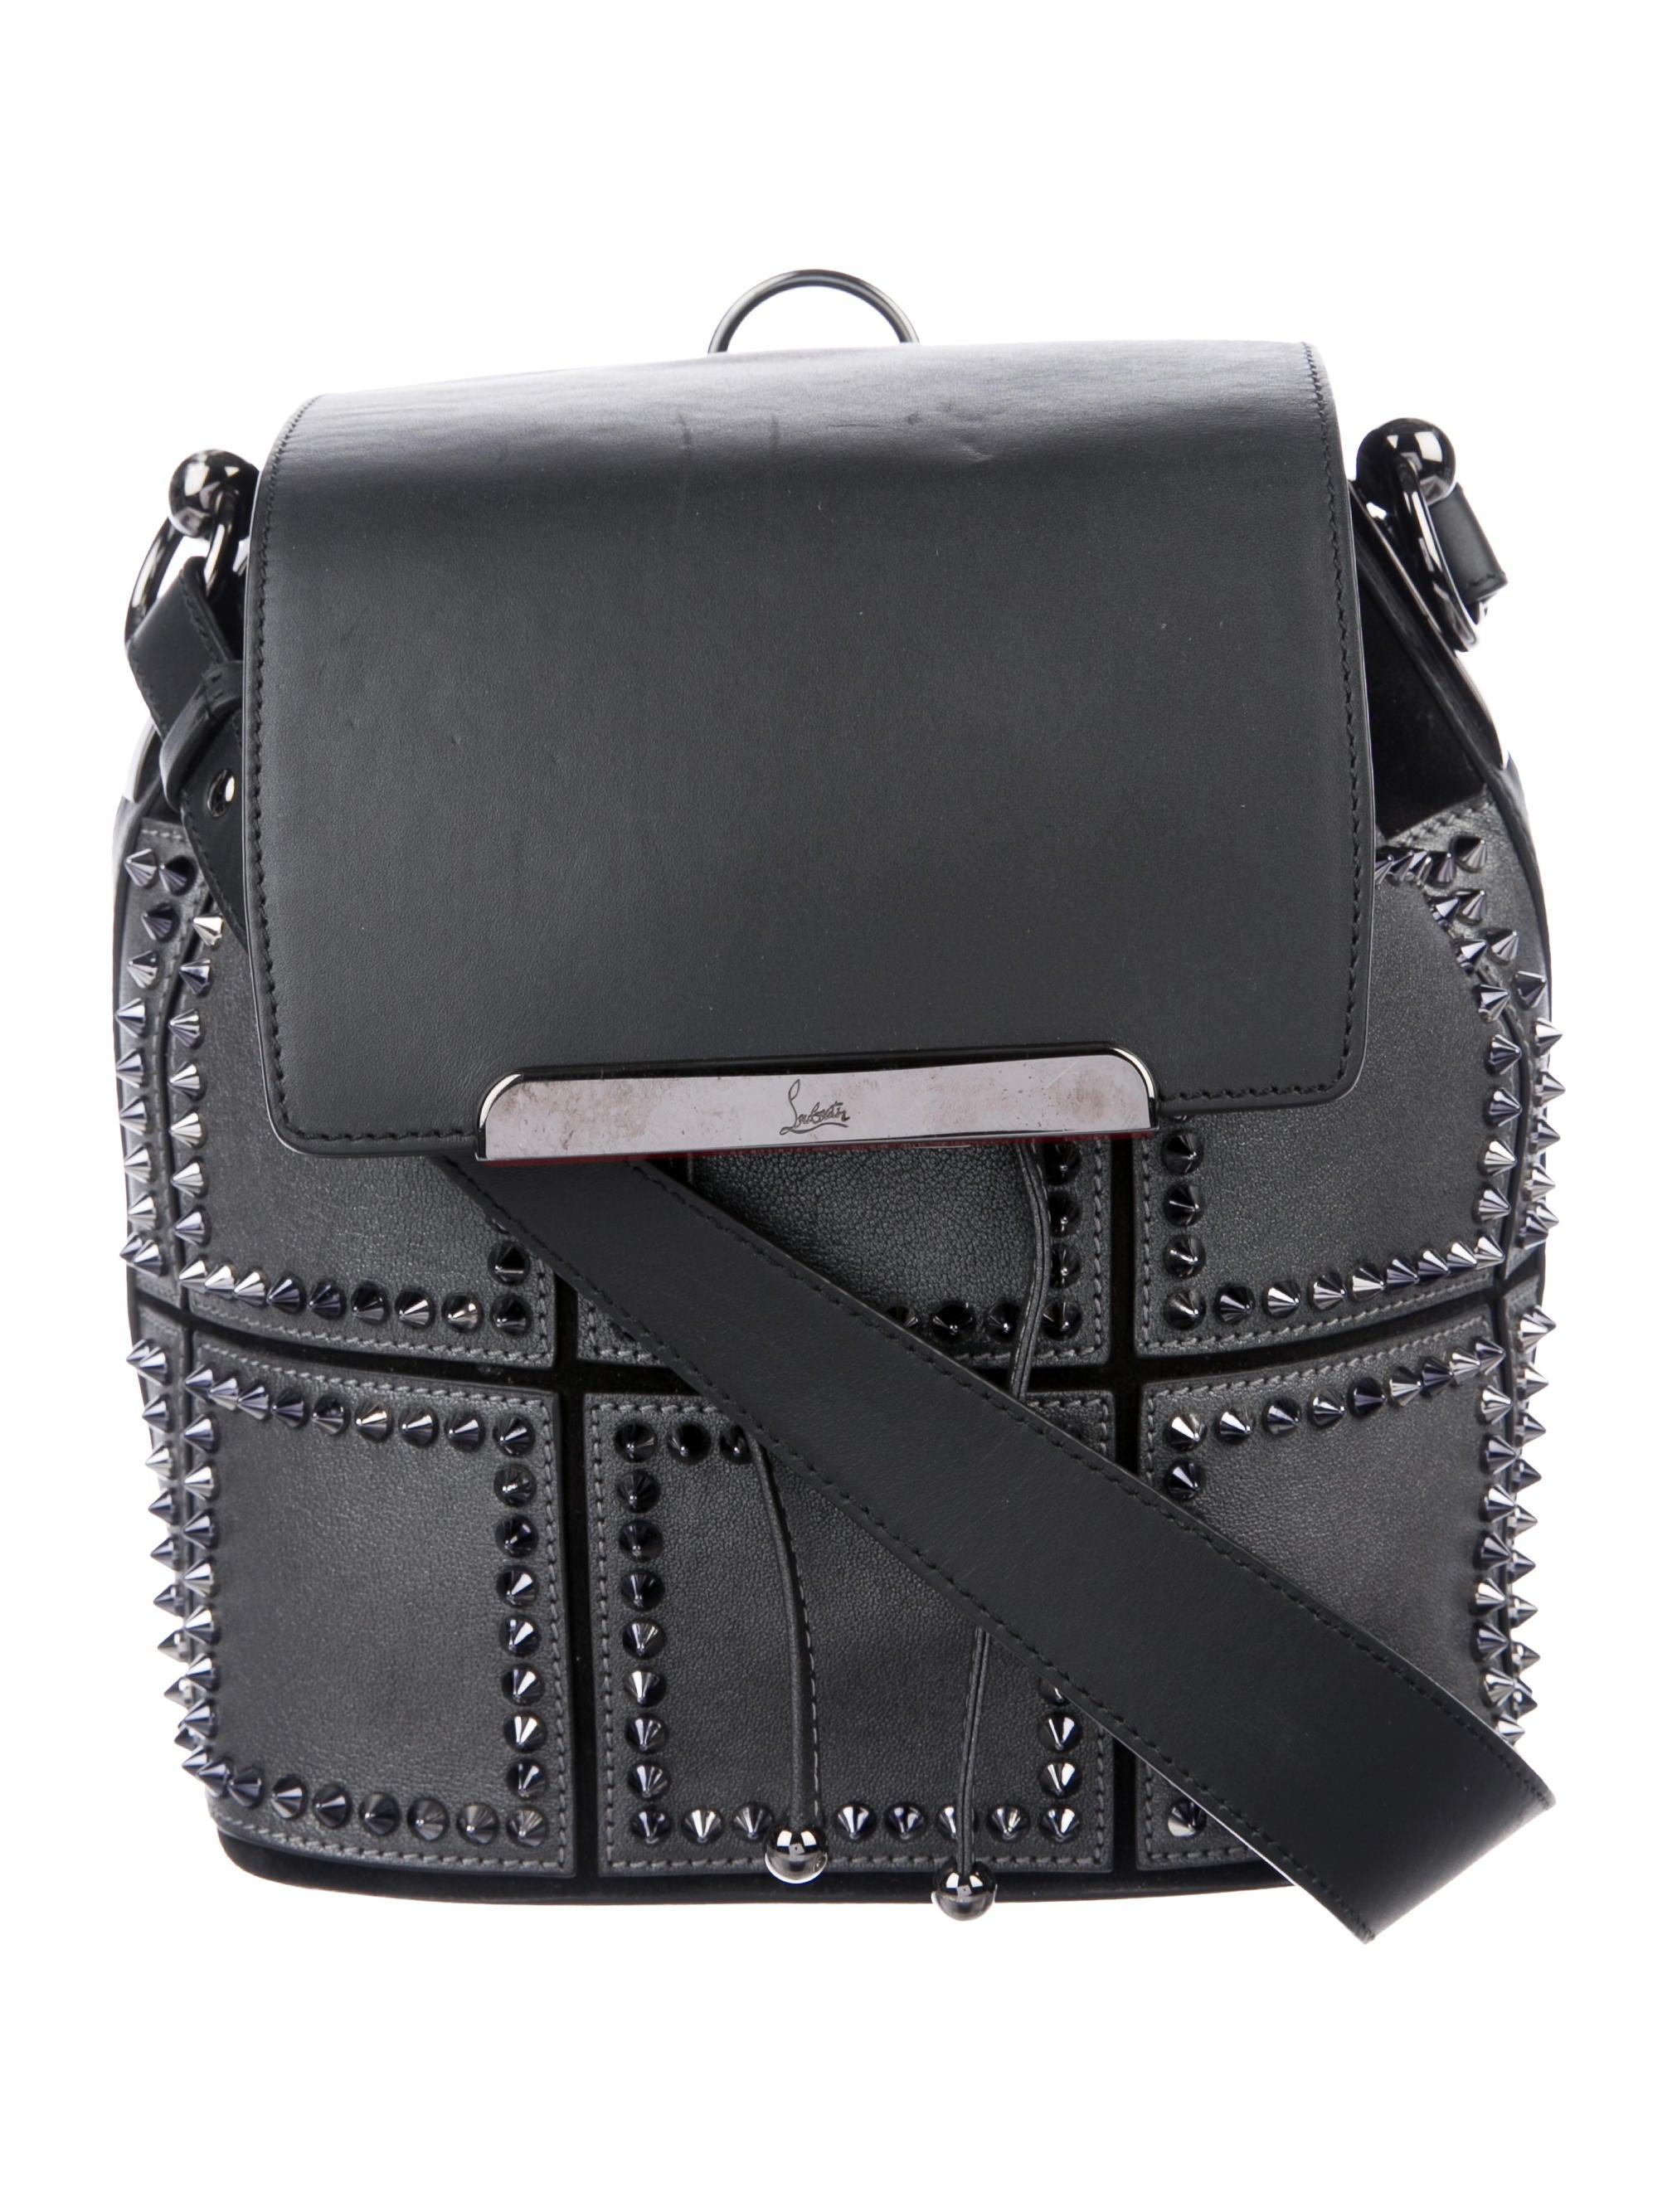 60c5cd1dd21 Lucky L Convertible Bucket Bag